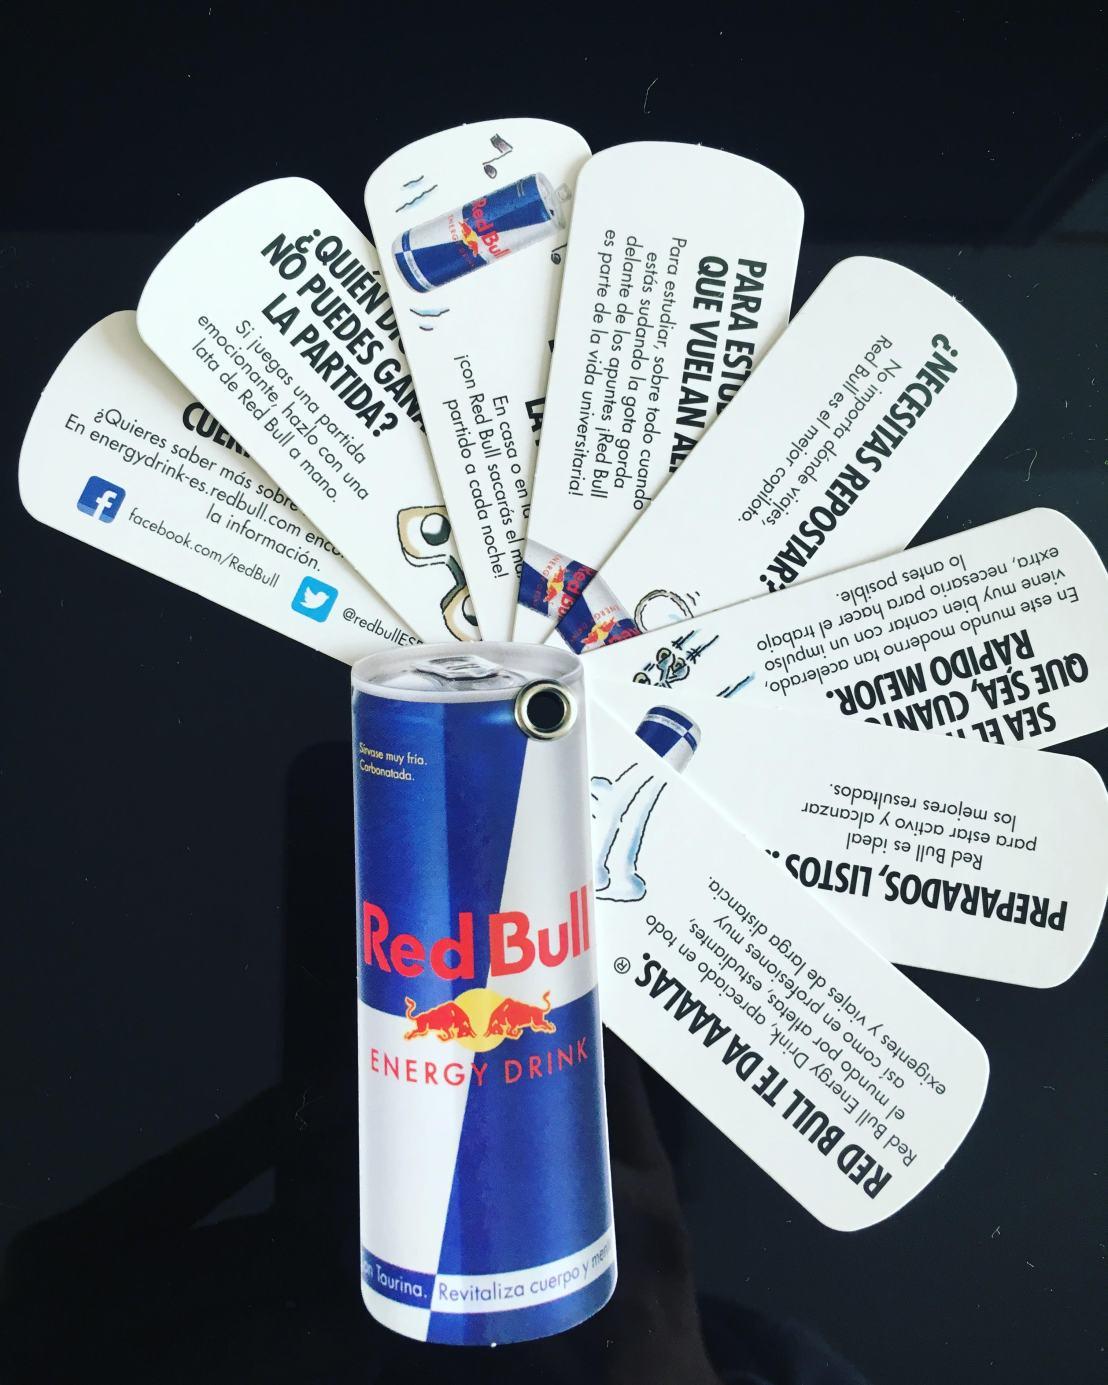 Troquelado publicitario de Red Bull (Foto: Sandra Ramírez Checnes)